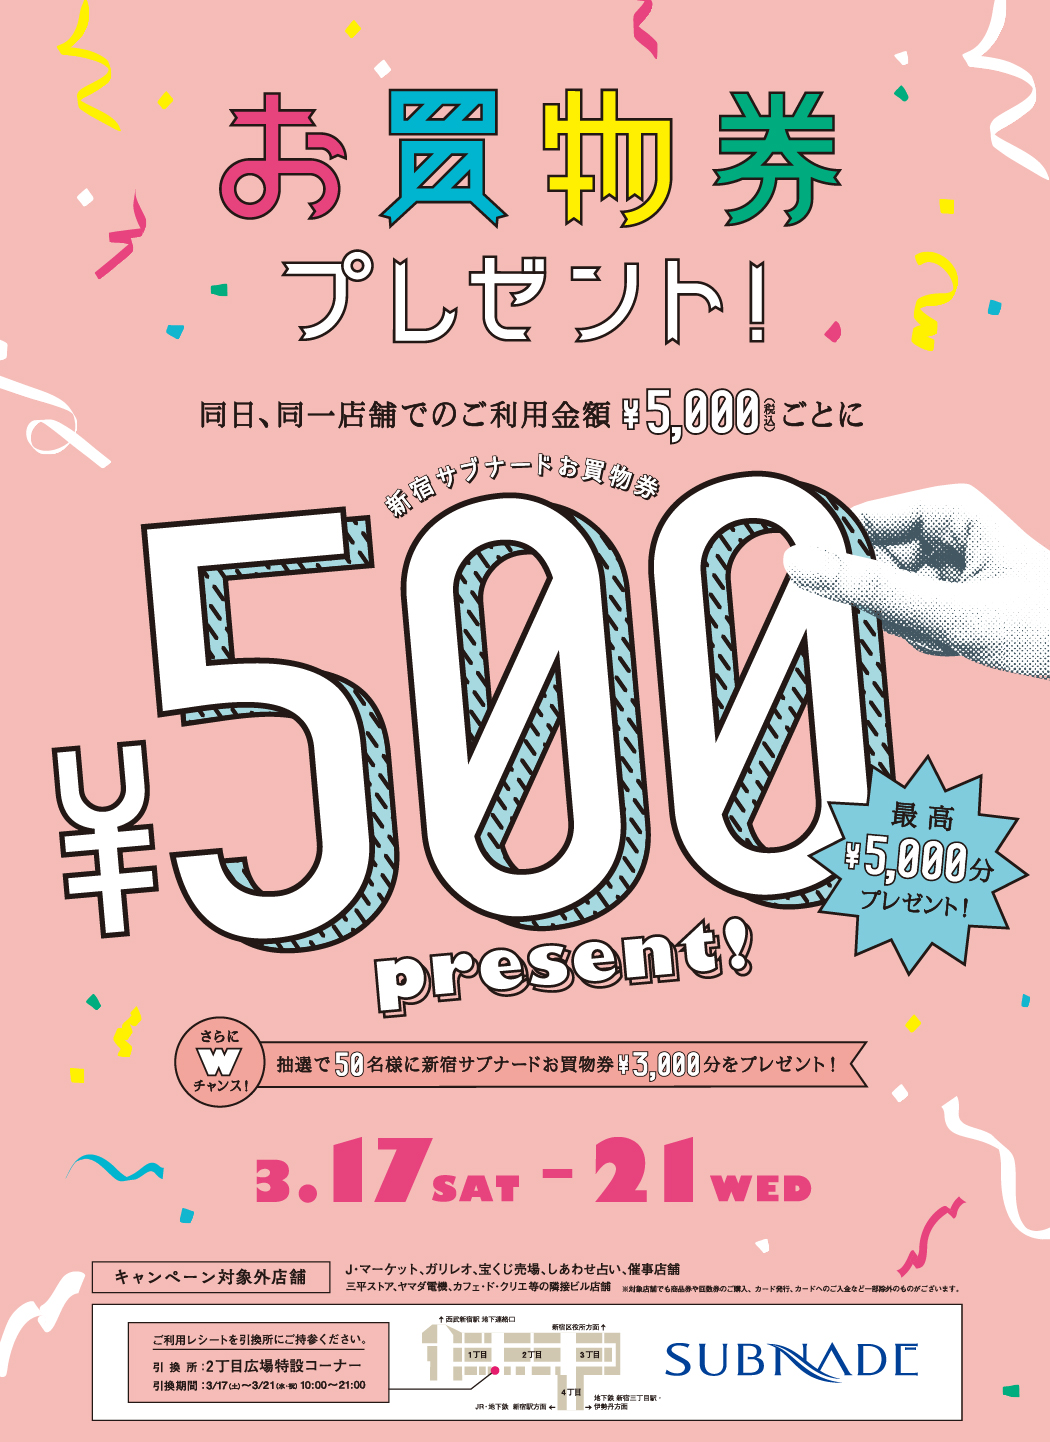 【新宿店】お買物券プレゼントキャンペーン 2018年3月17日~2018年3月21日